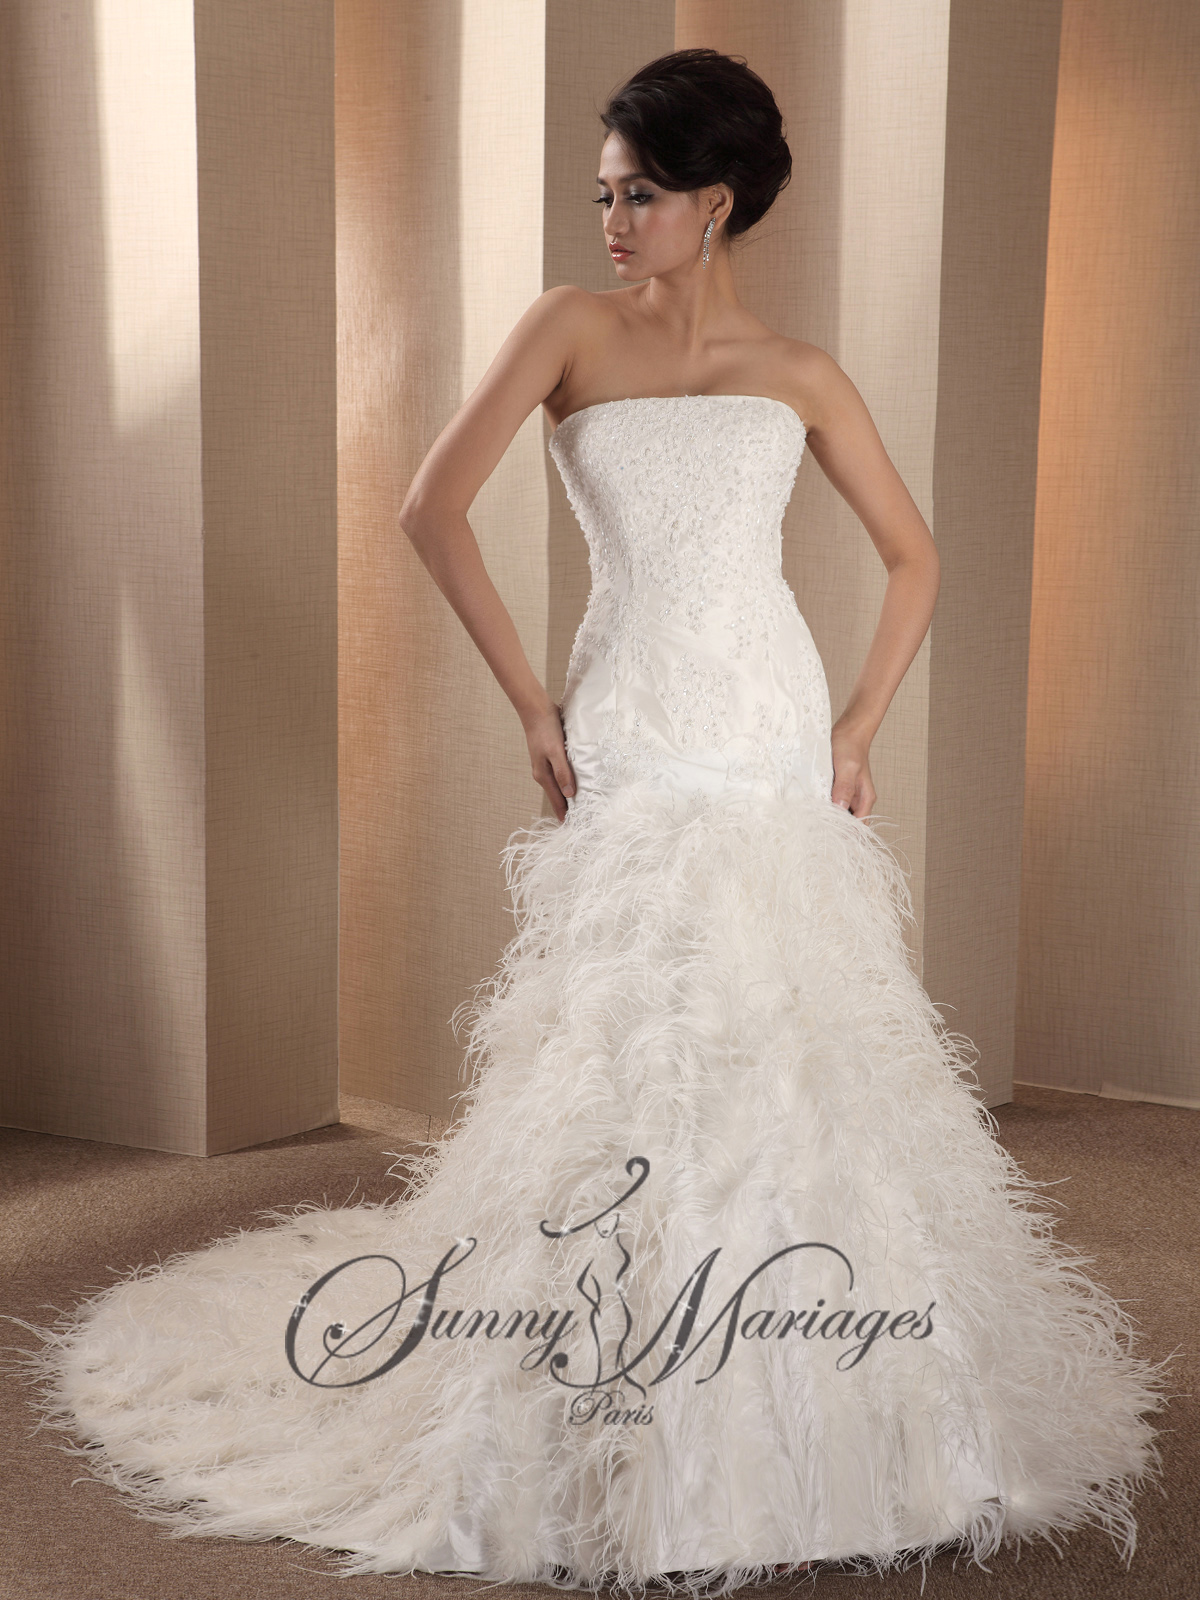 ... robe de mariée » Robe de mariée bustier fourreau sirene « Lana